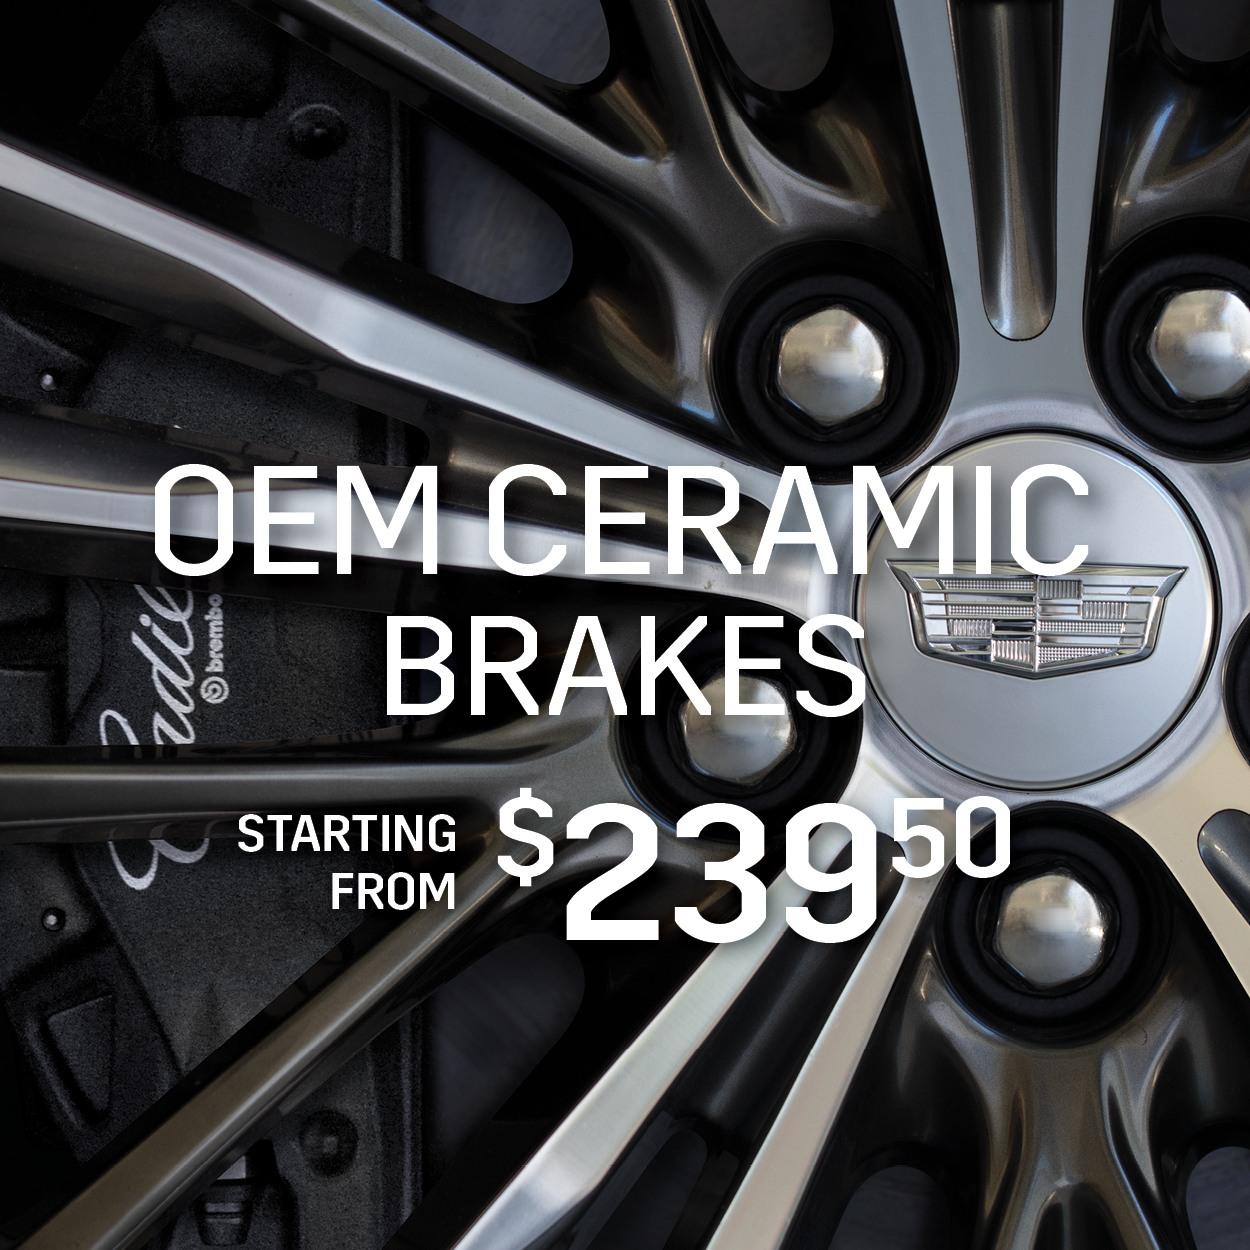 OEM Ceramic Brakes